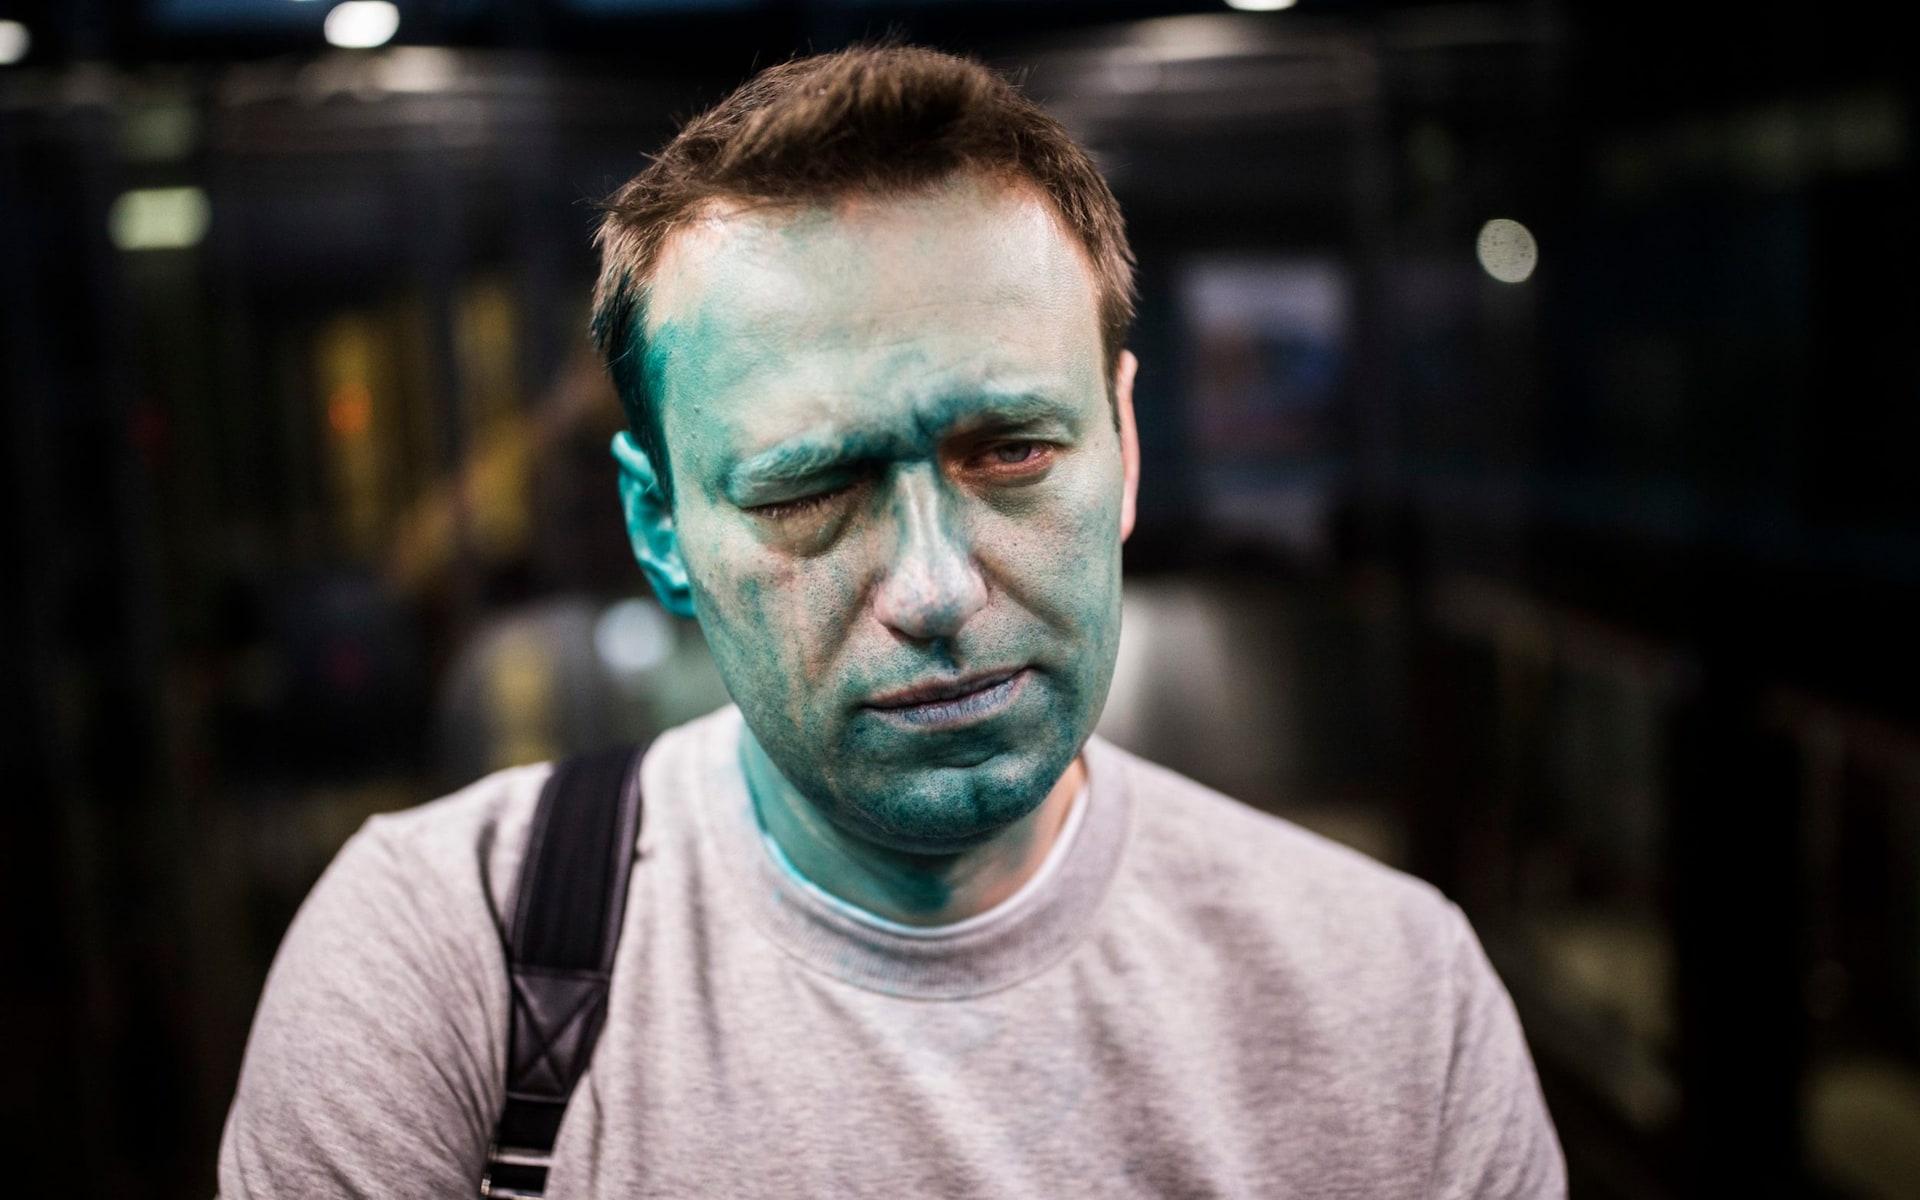 «русский марш» главы фбк: что связывает алексея навального с националистами